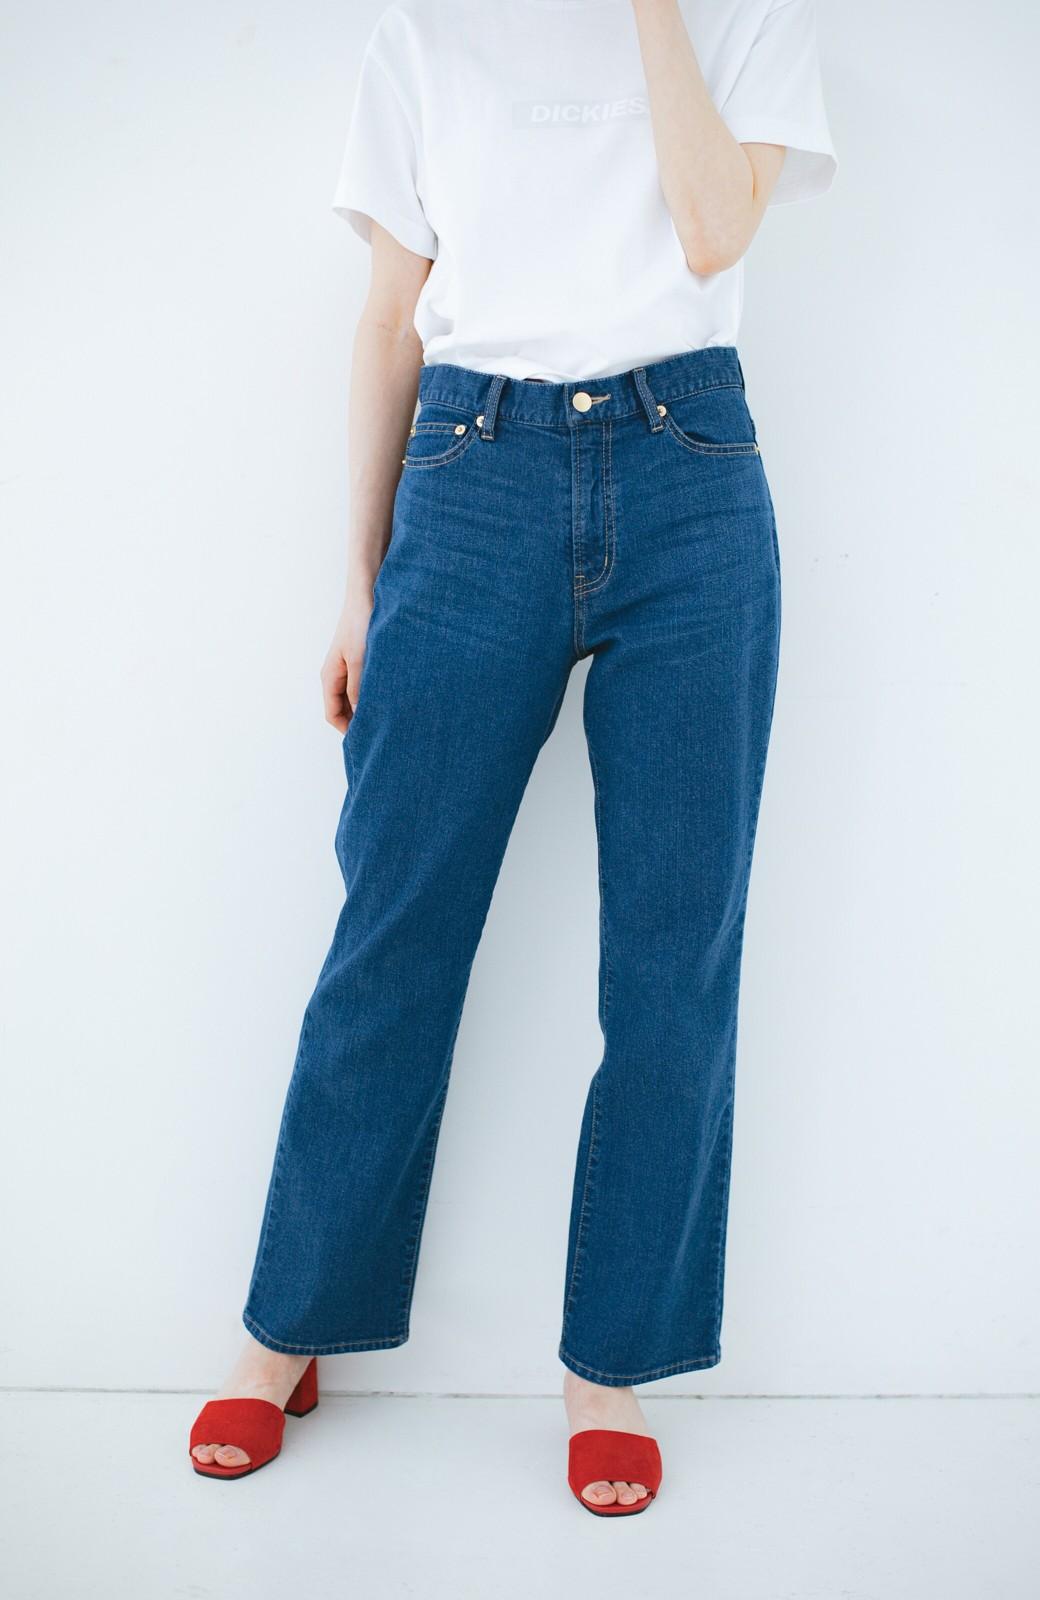 haco! 見た目-2キロ?!な気がするきれいなシルエットのデニムパンツ by que made me <インディゴブルー>の商品写真2